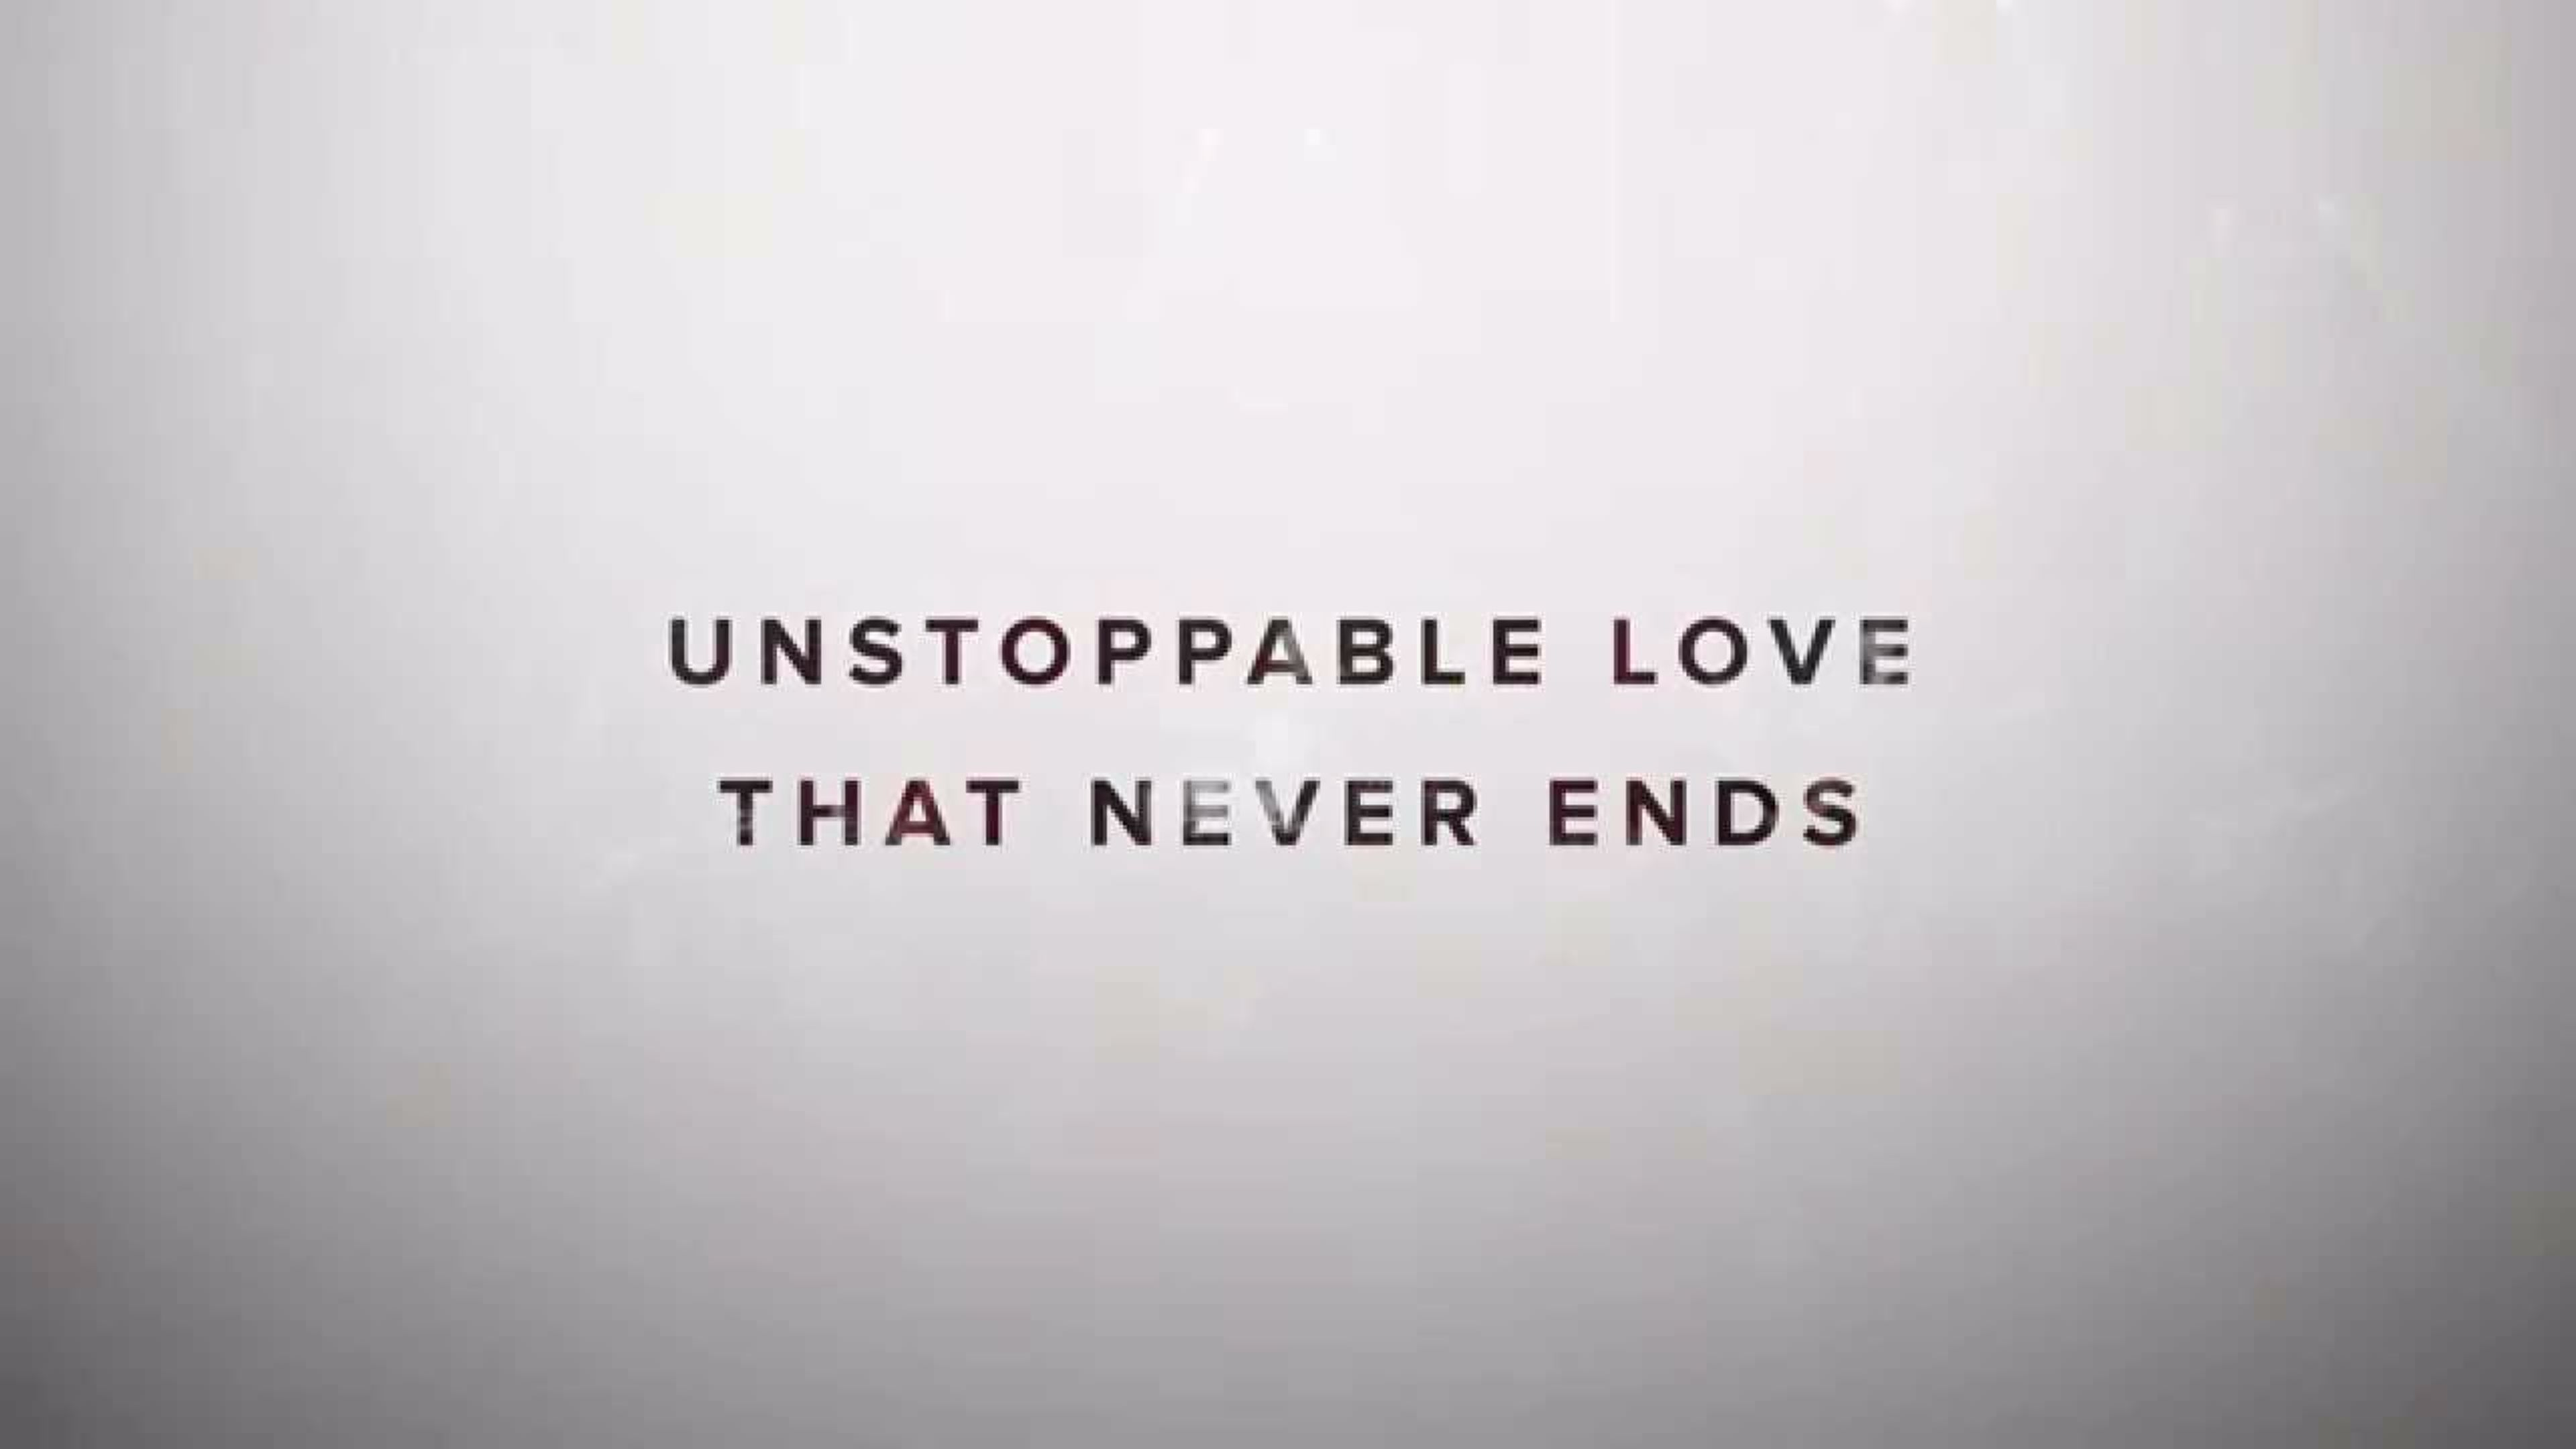 Unstoppable Love 4K wallpaper 3840x2160